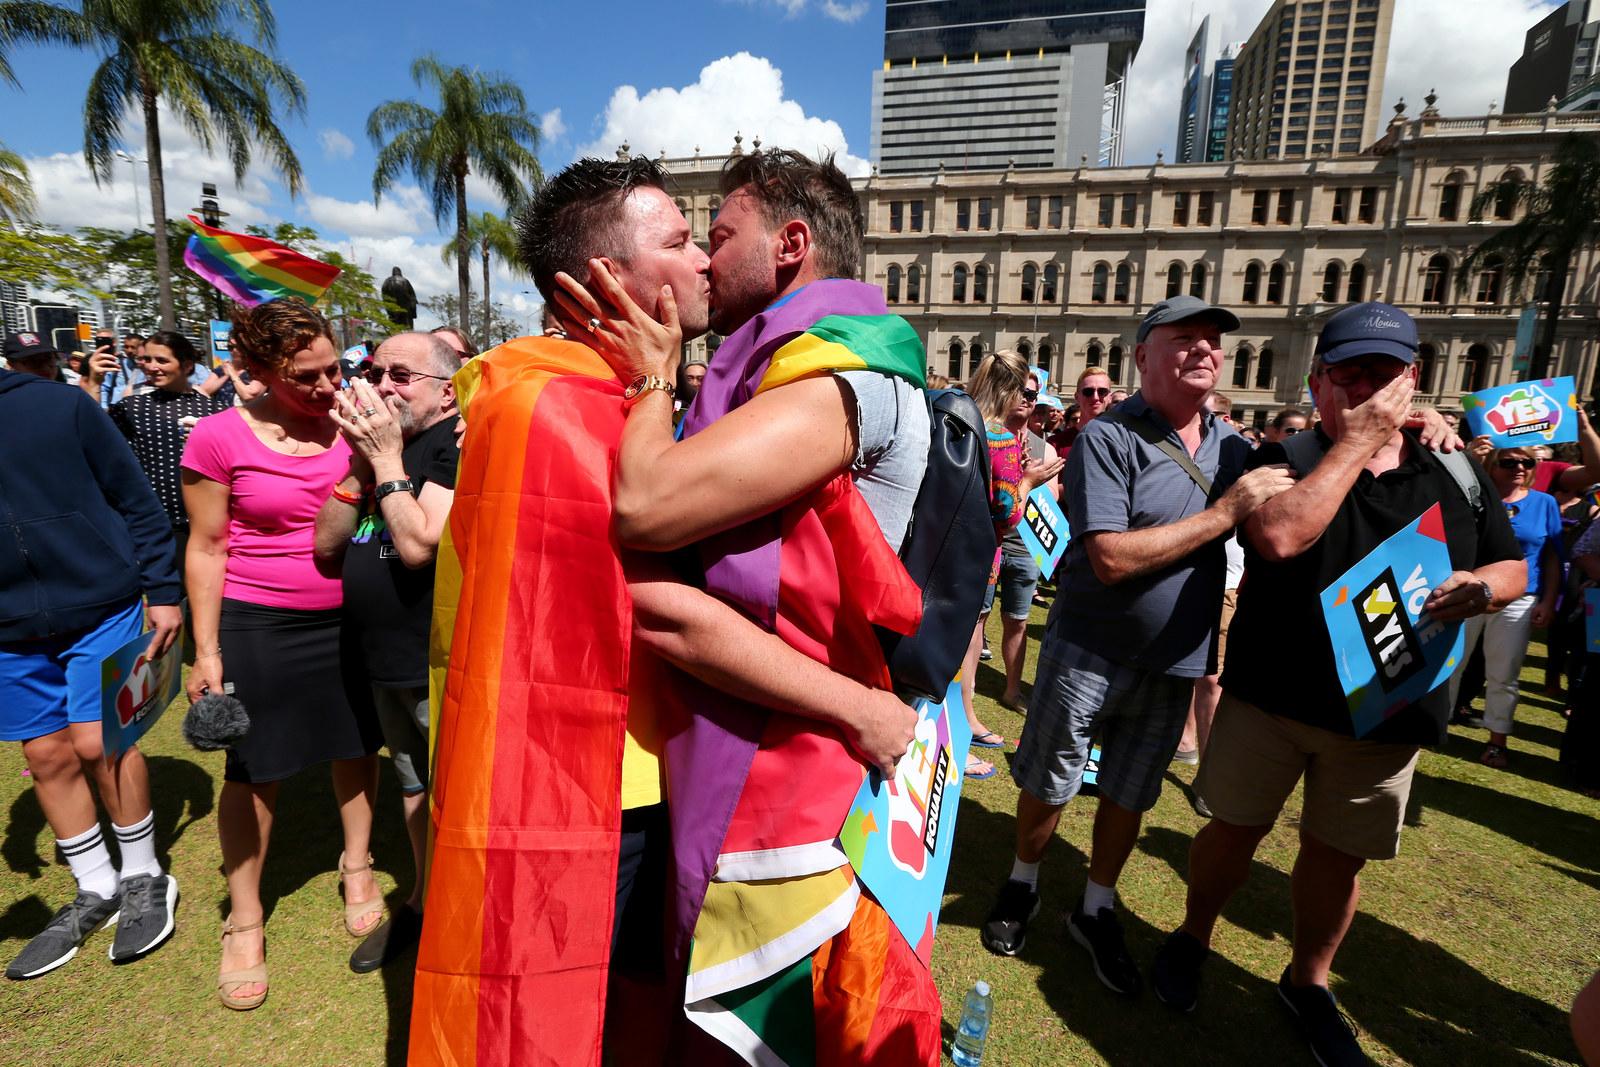 Gay marriage activists